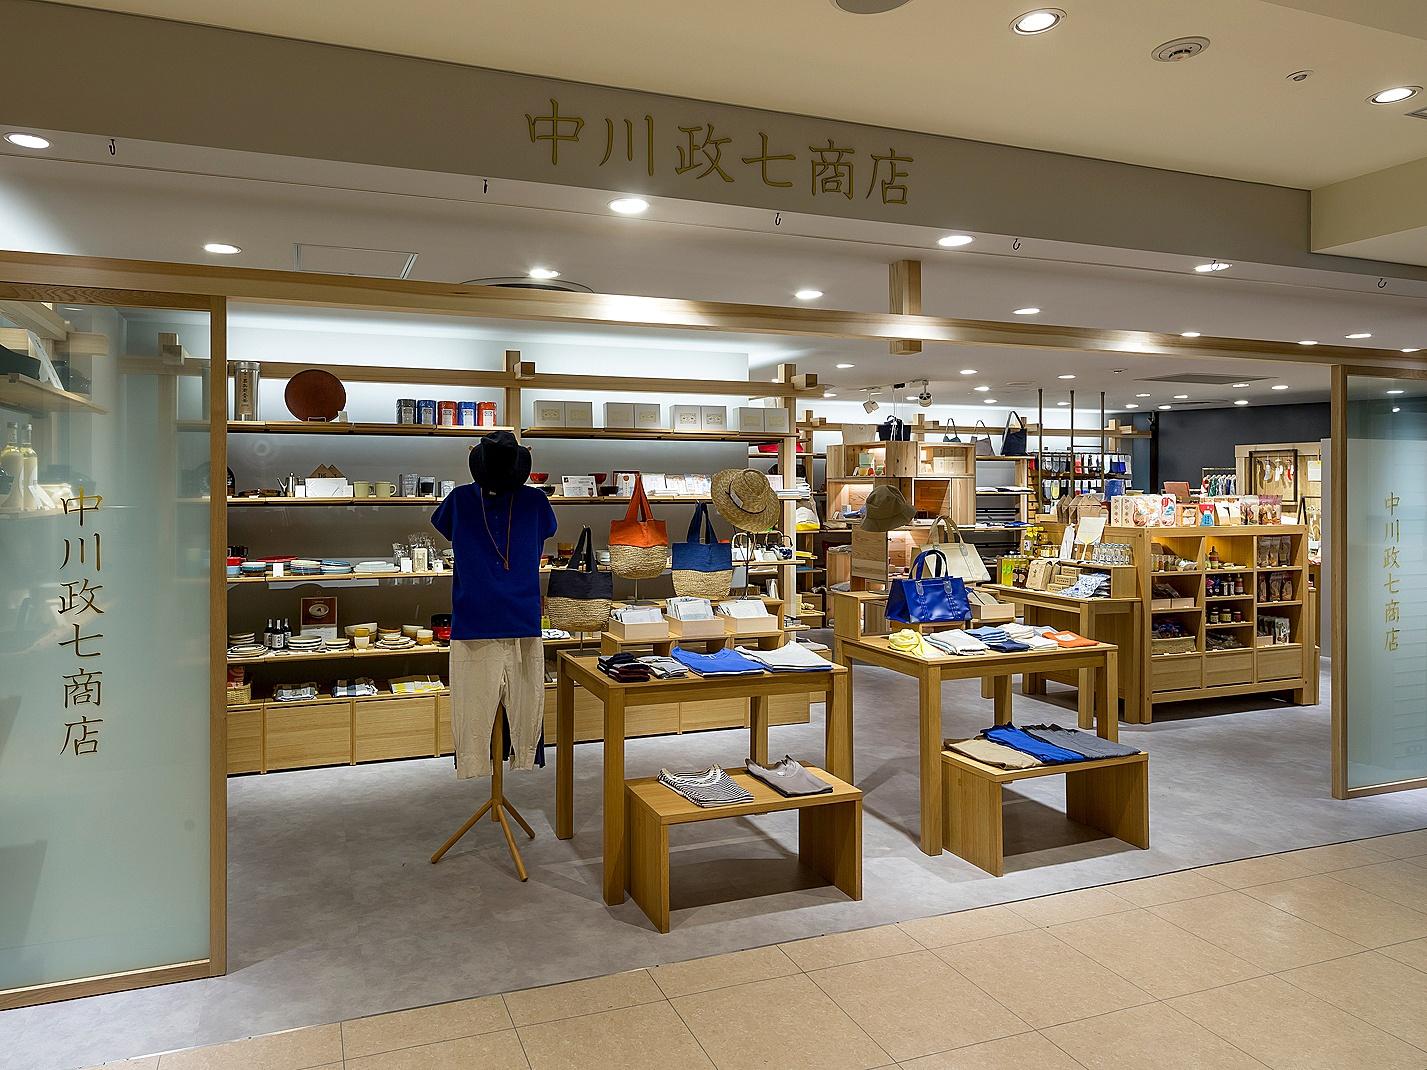 中川政七商店 ルミネ新宿店